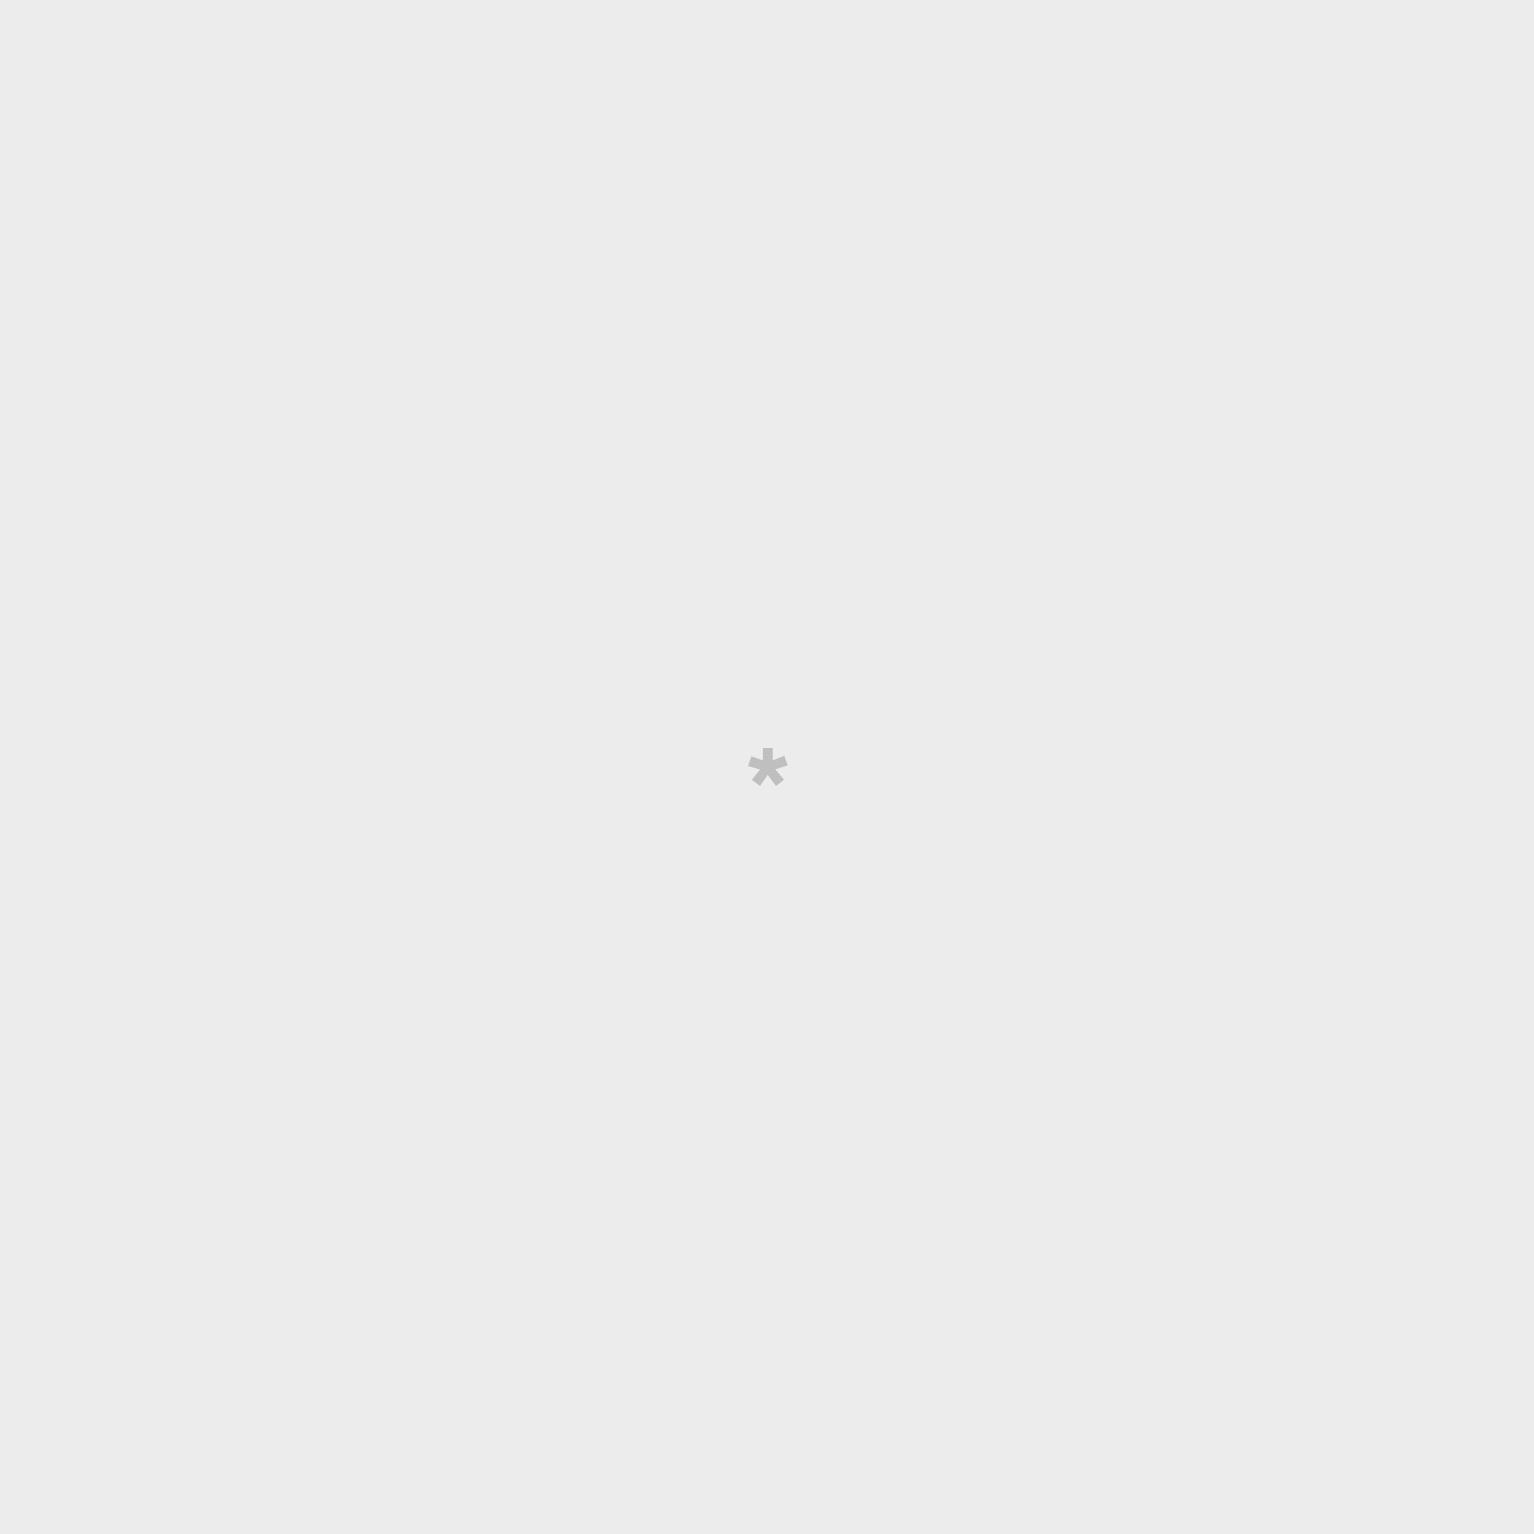 Rollo de papel pintado wonder - Cuadros (Color rosa)